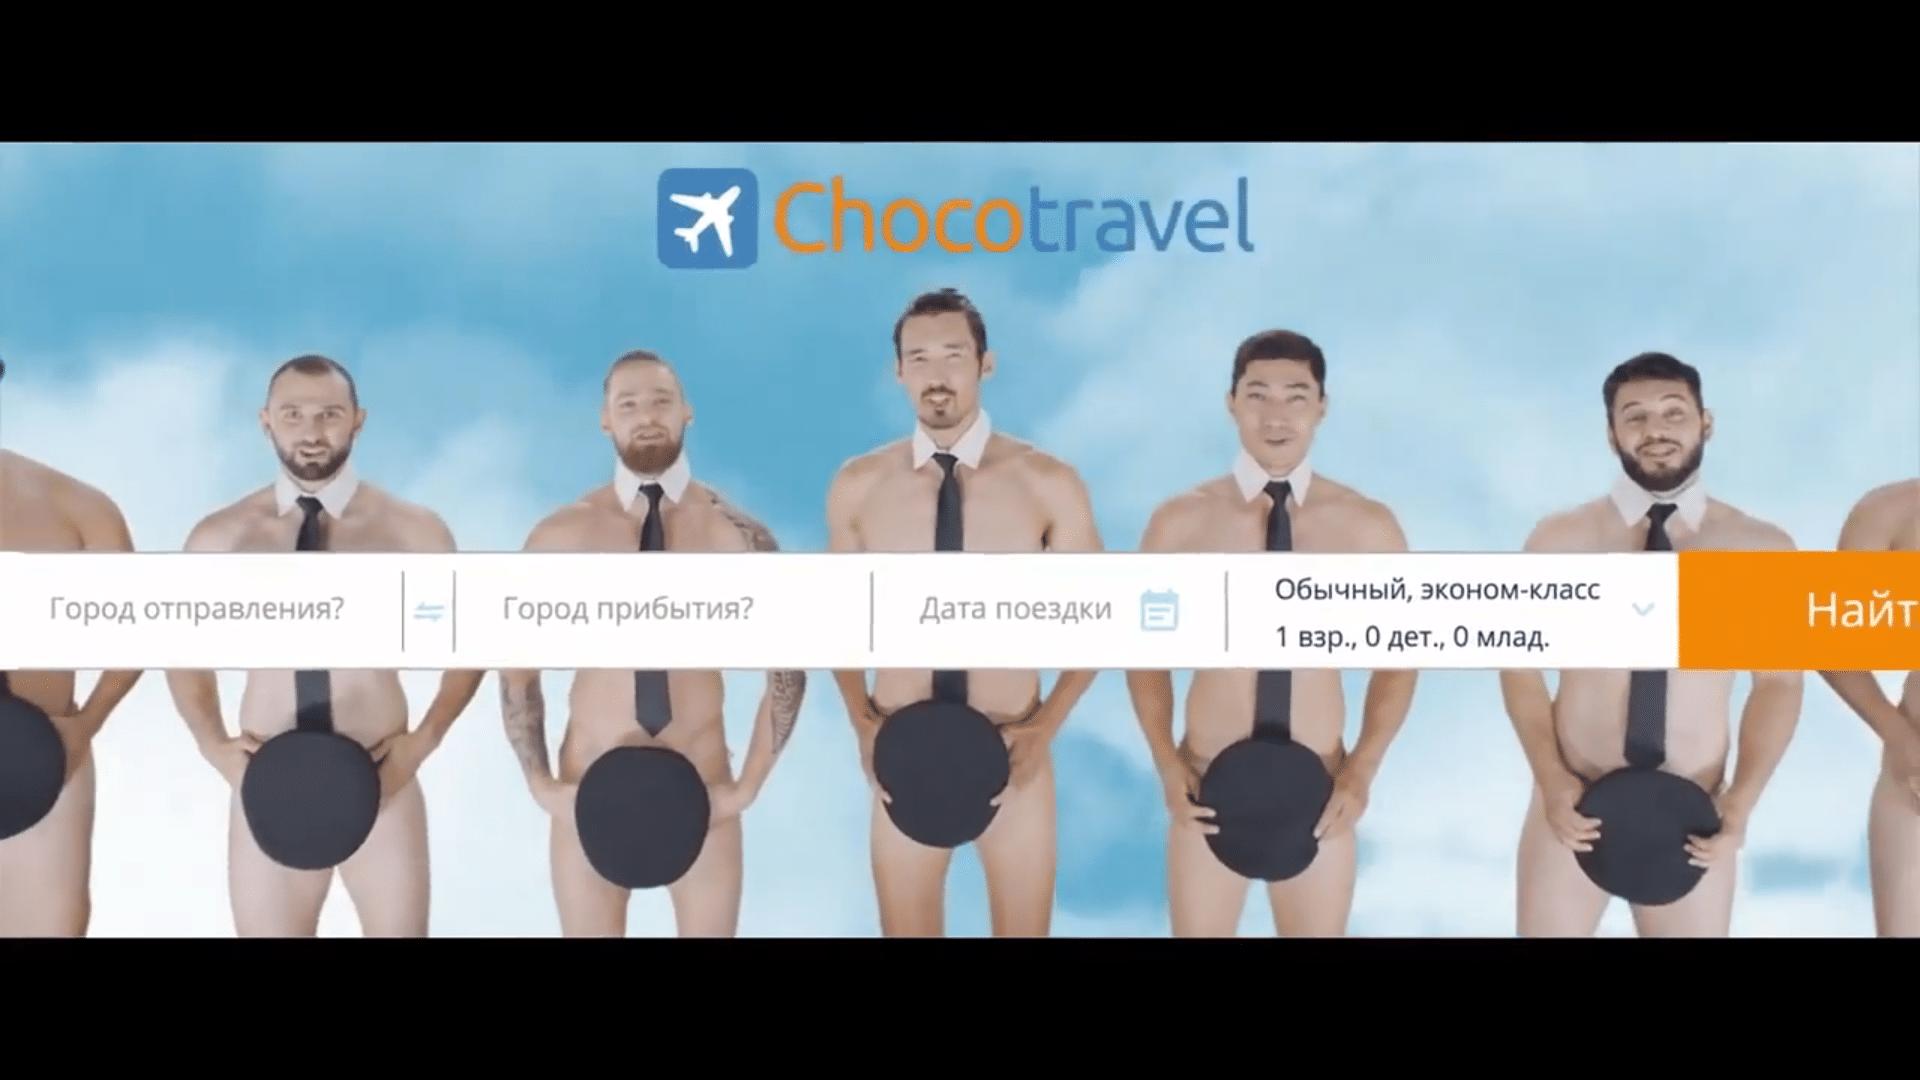 Kazakh Travel Agency Ad